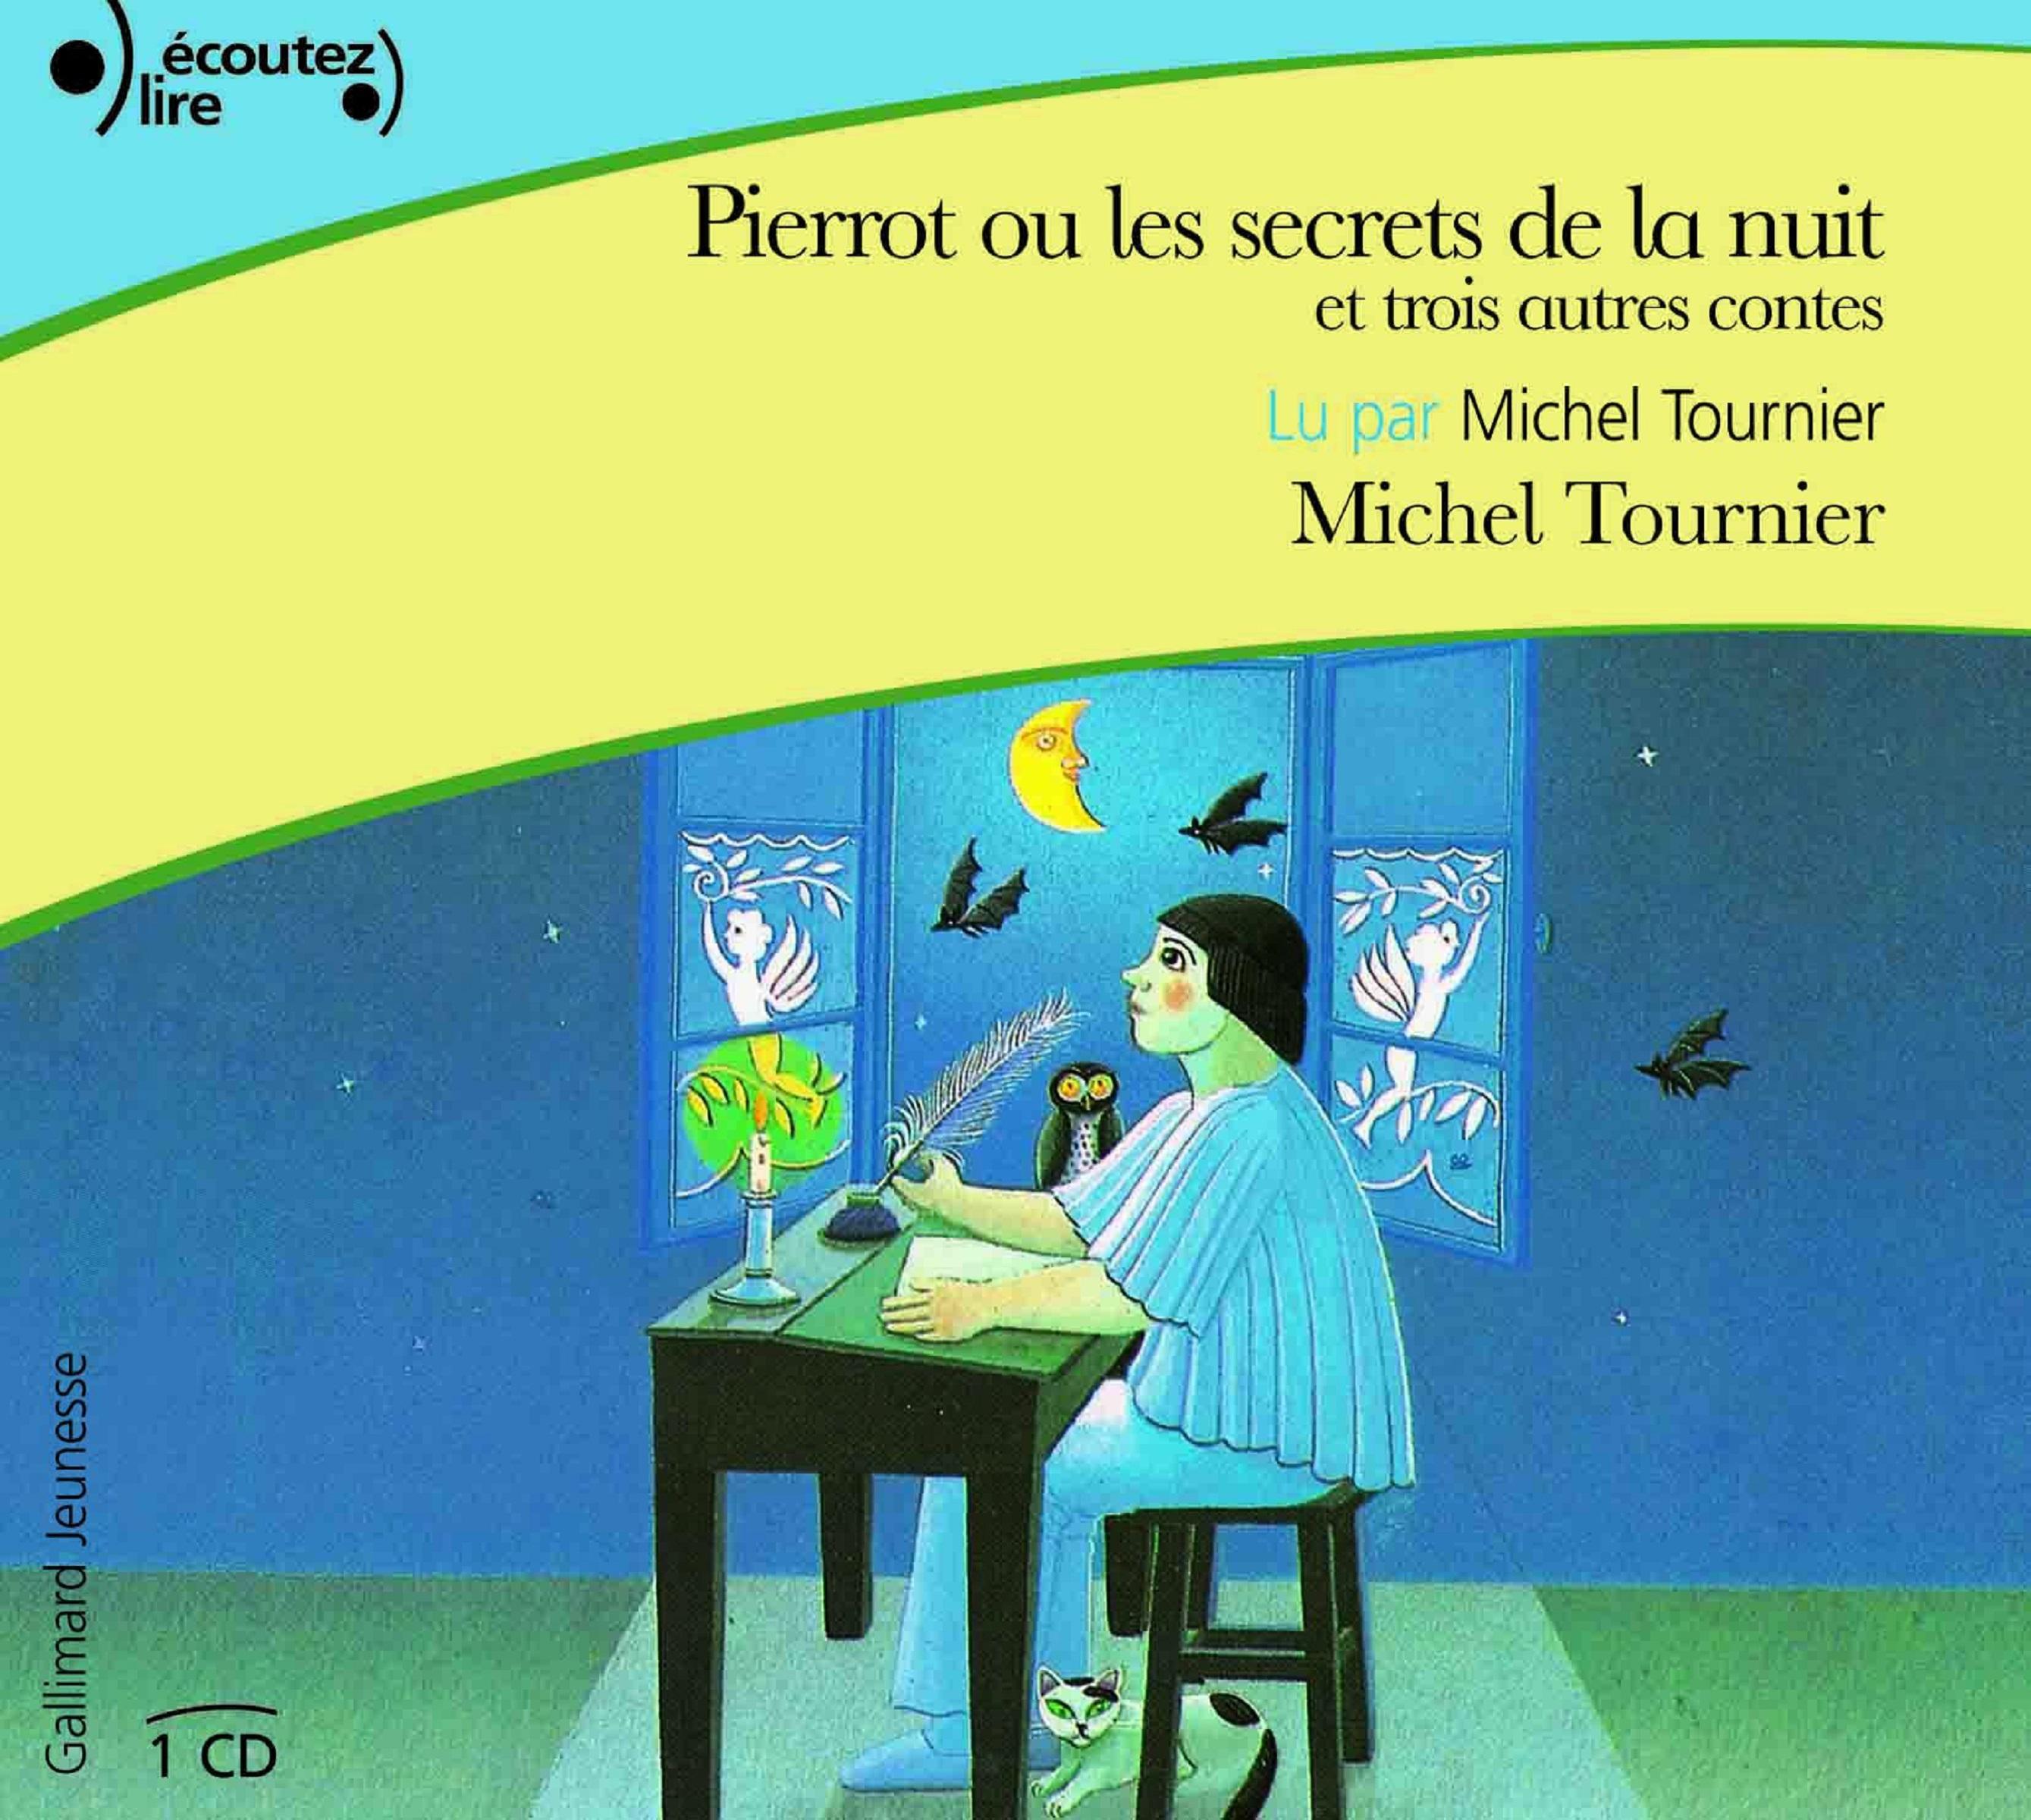 Pierrot ou les secrets de la nuit, et trois autres contes